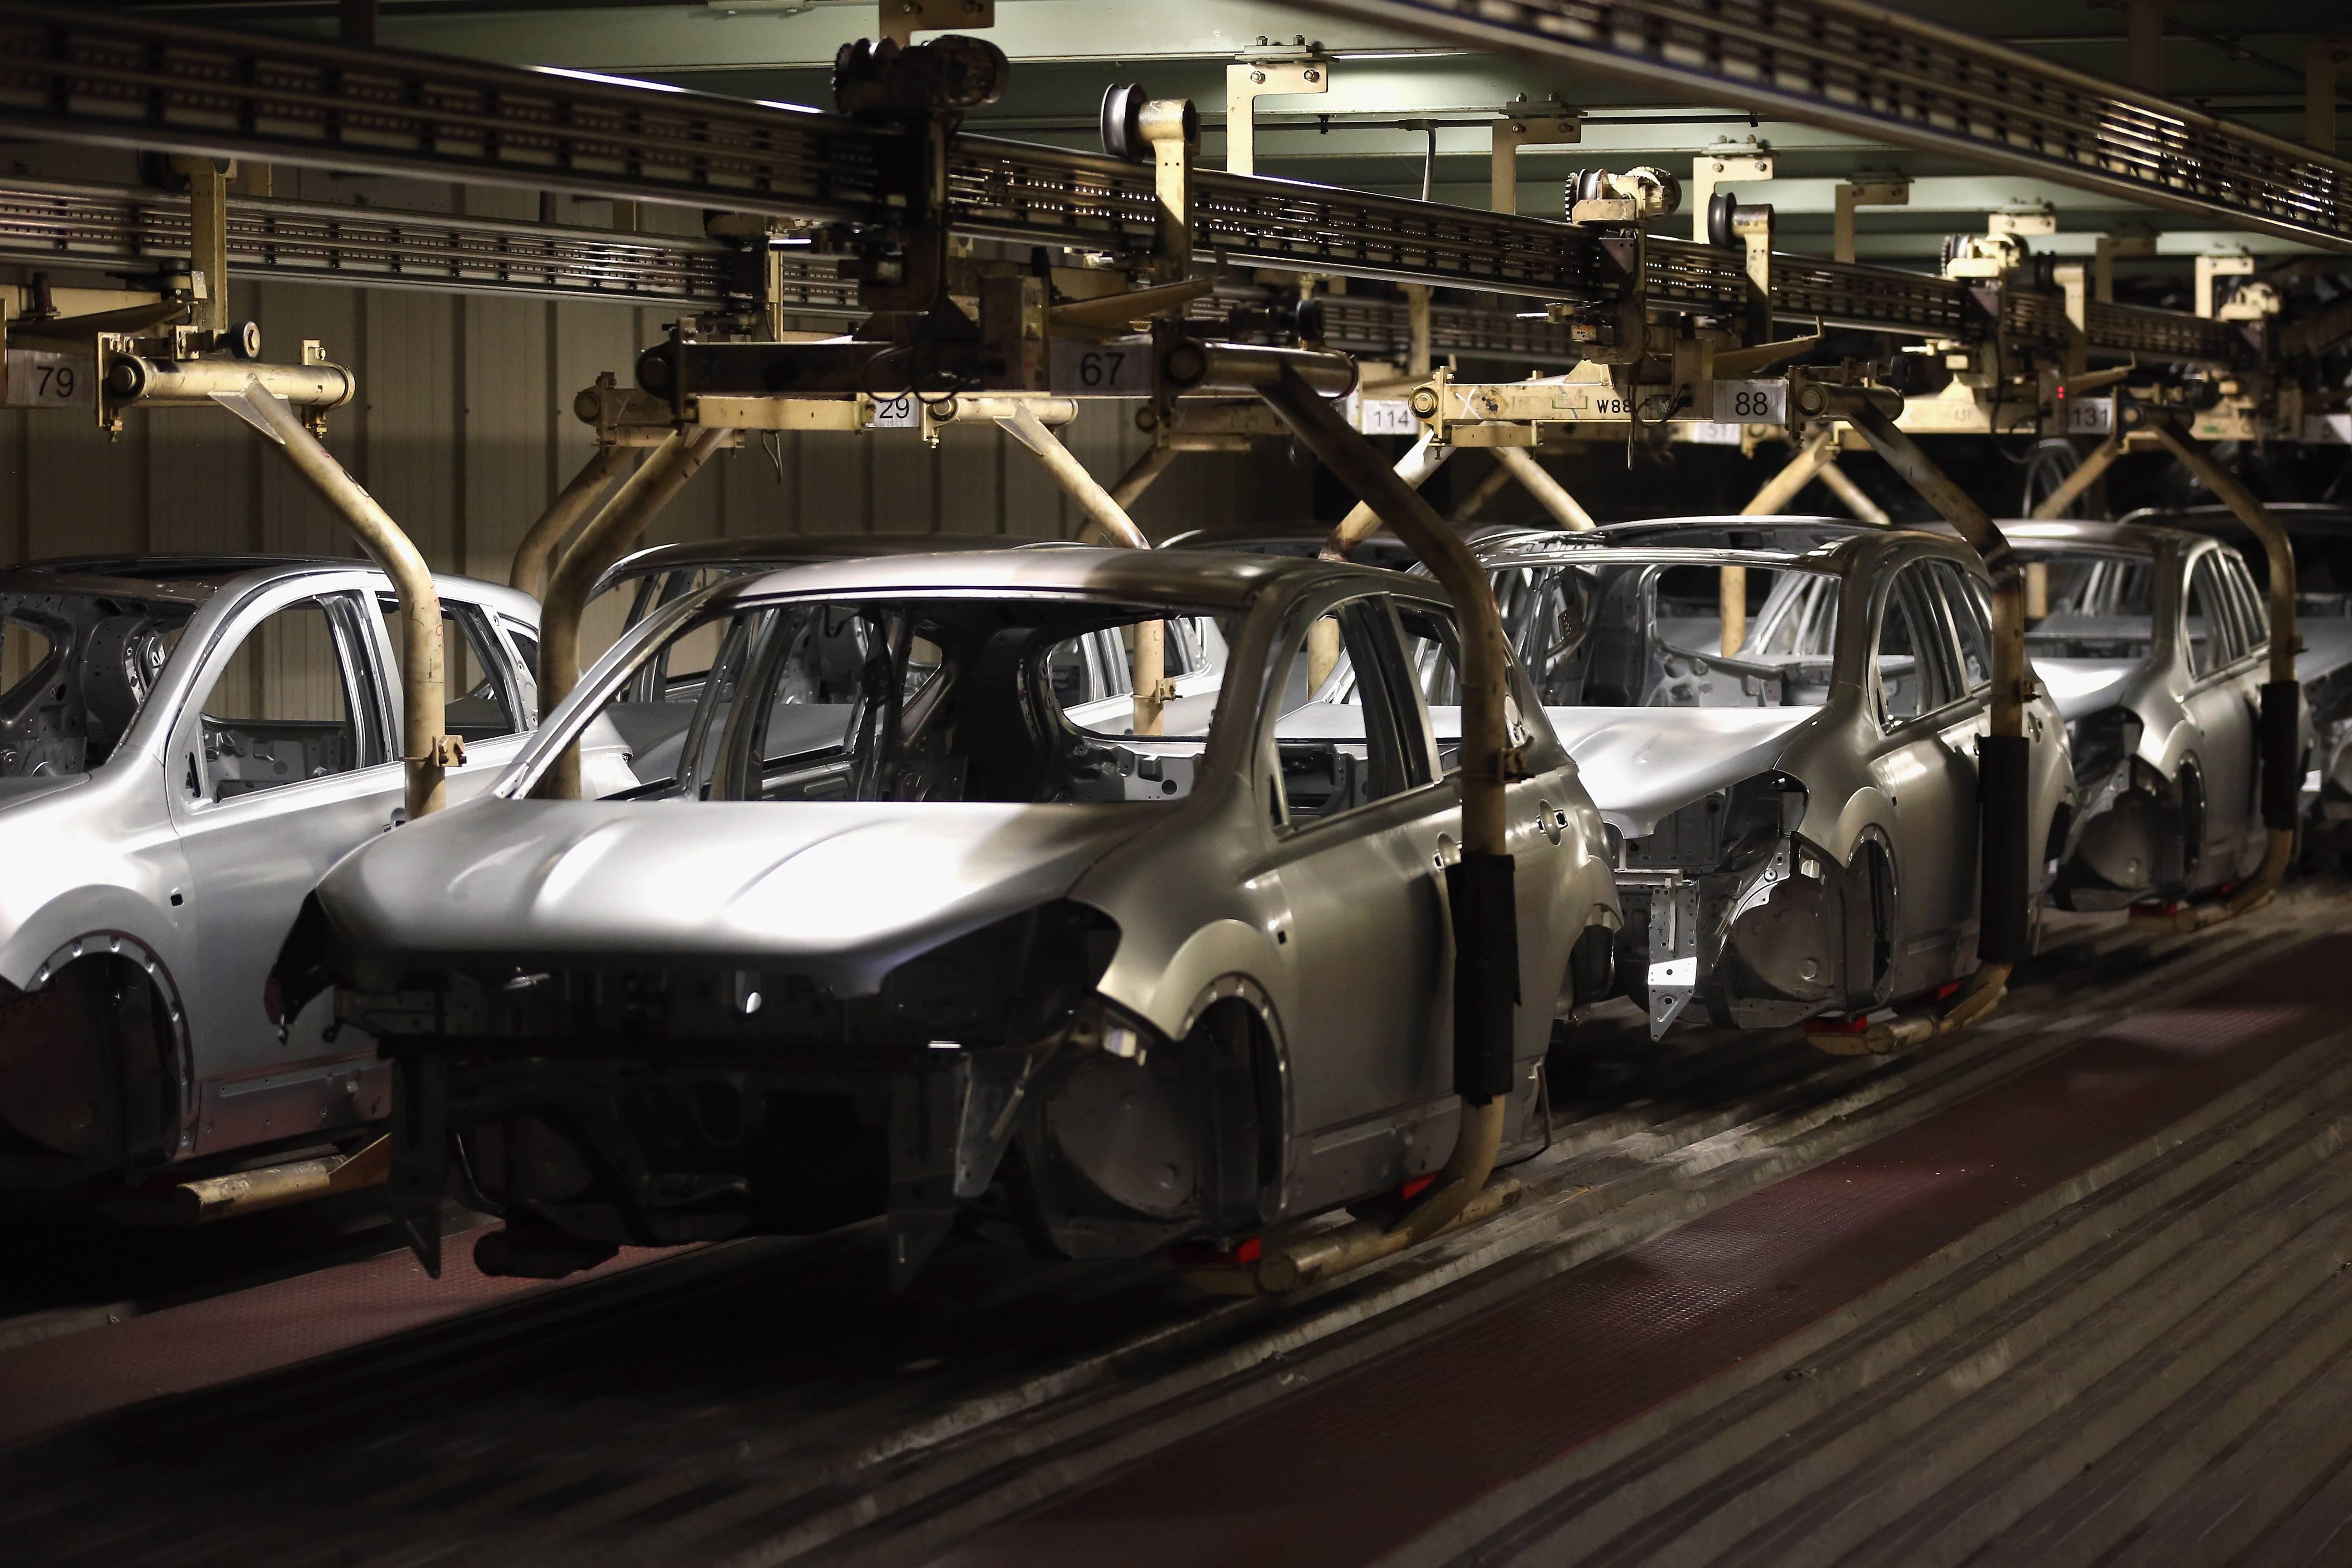 Expertos dicen que la automatización generalizada no aumentará el desempleo pero empeorará las condiciones laborales